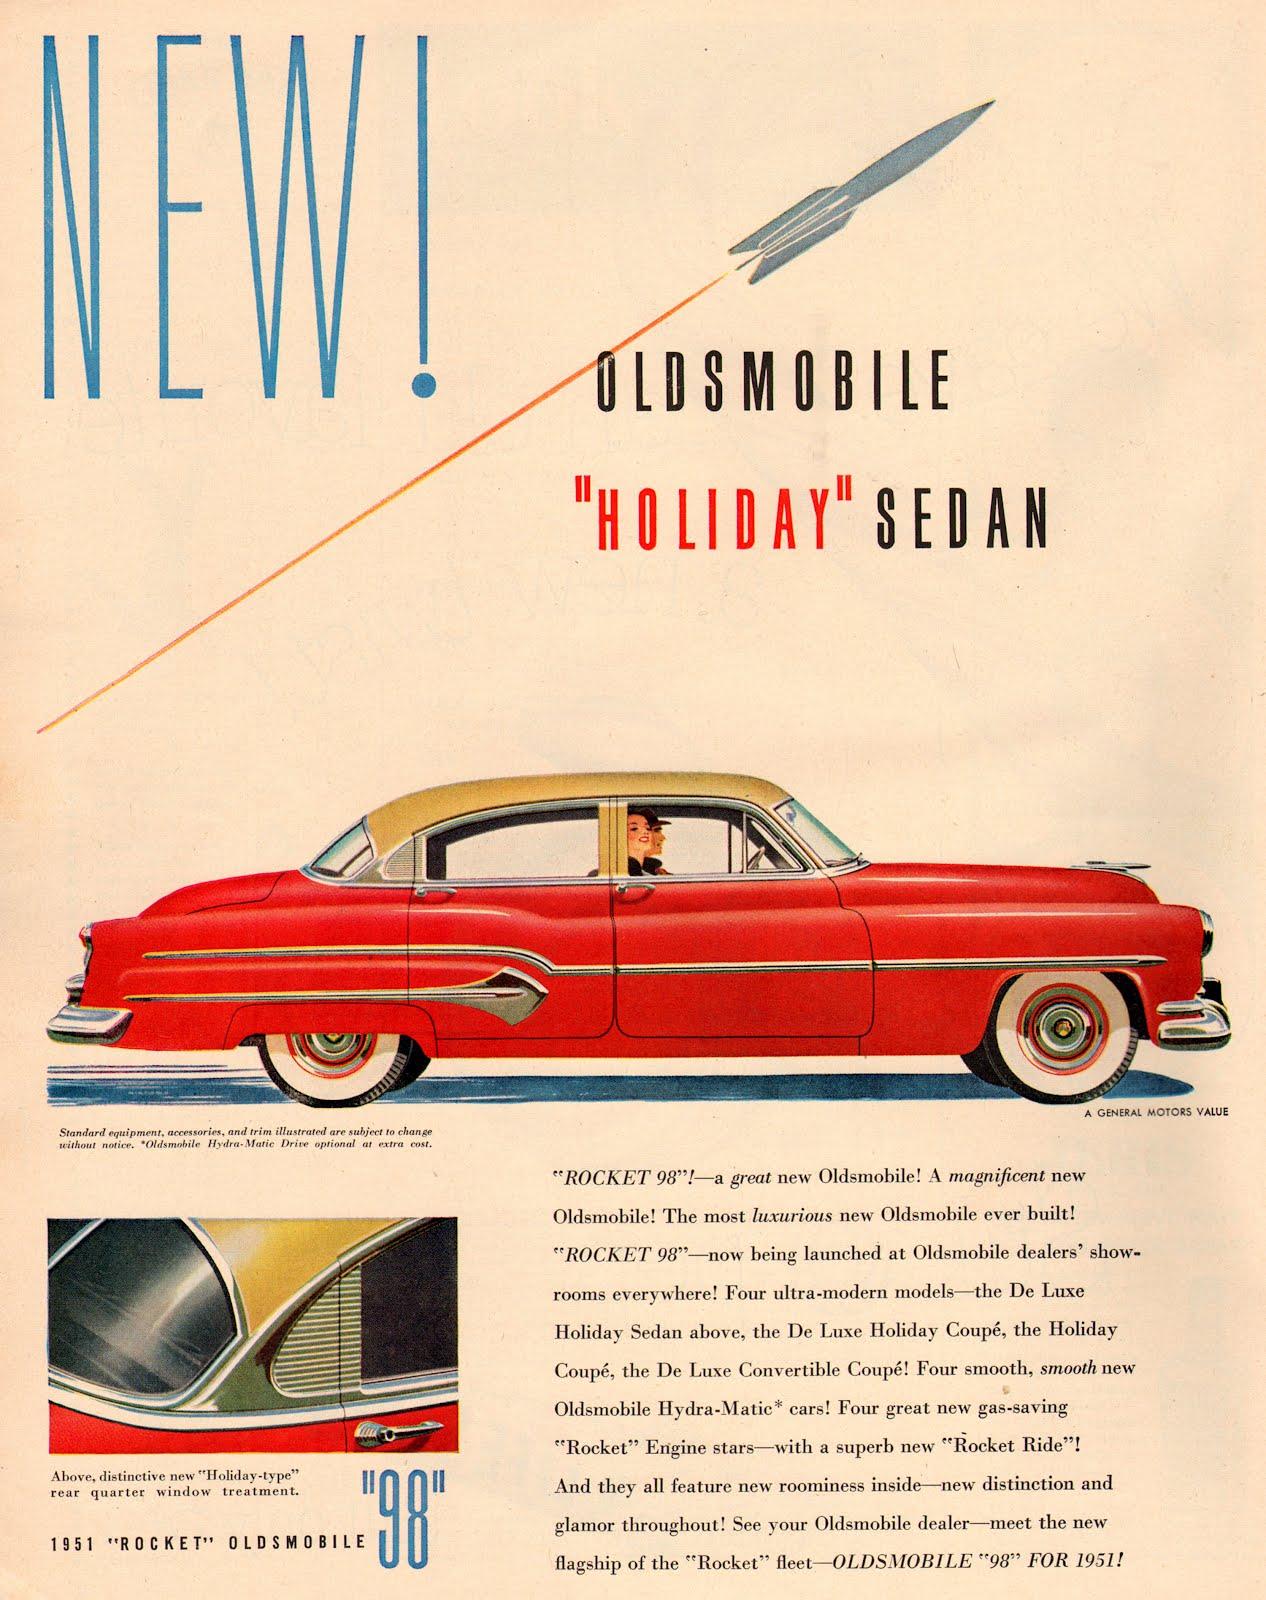 Vintage Automobile Advertisements 46